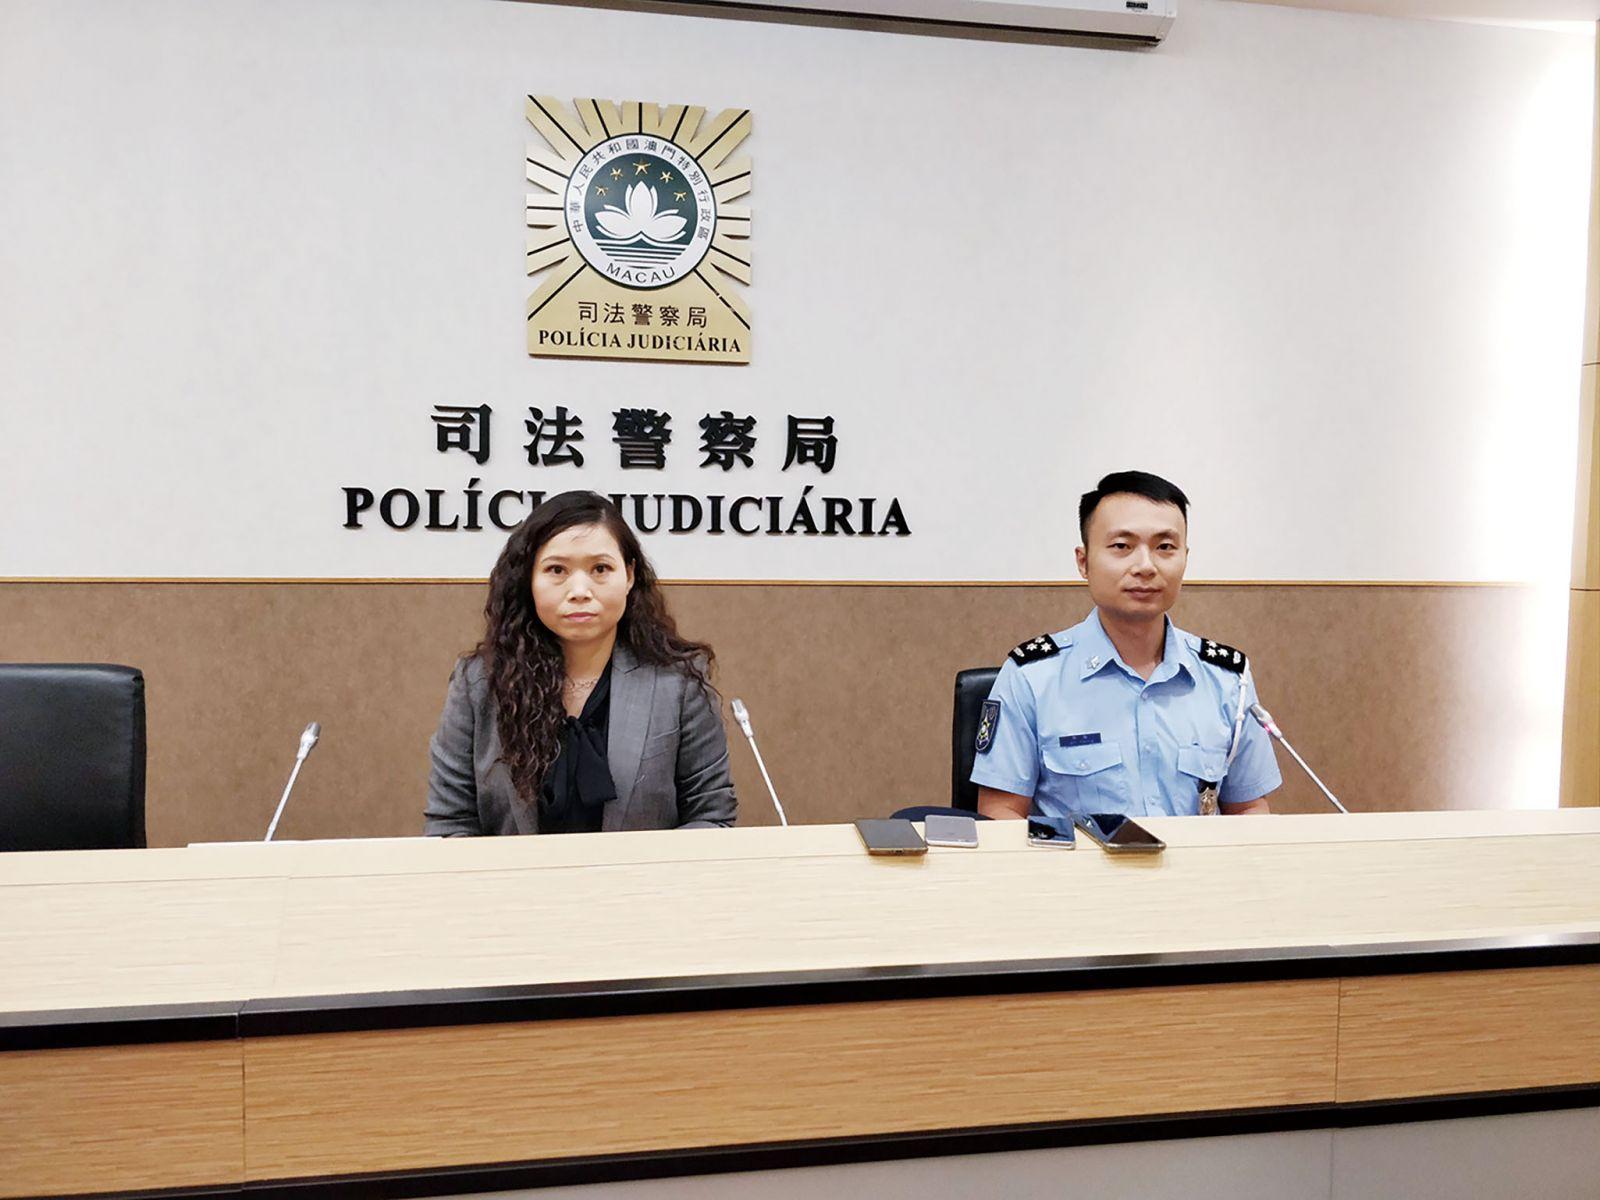 疑妻有外遇掌摑妻女 無業醋夫涉傷人被捕